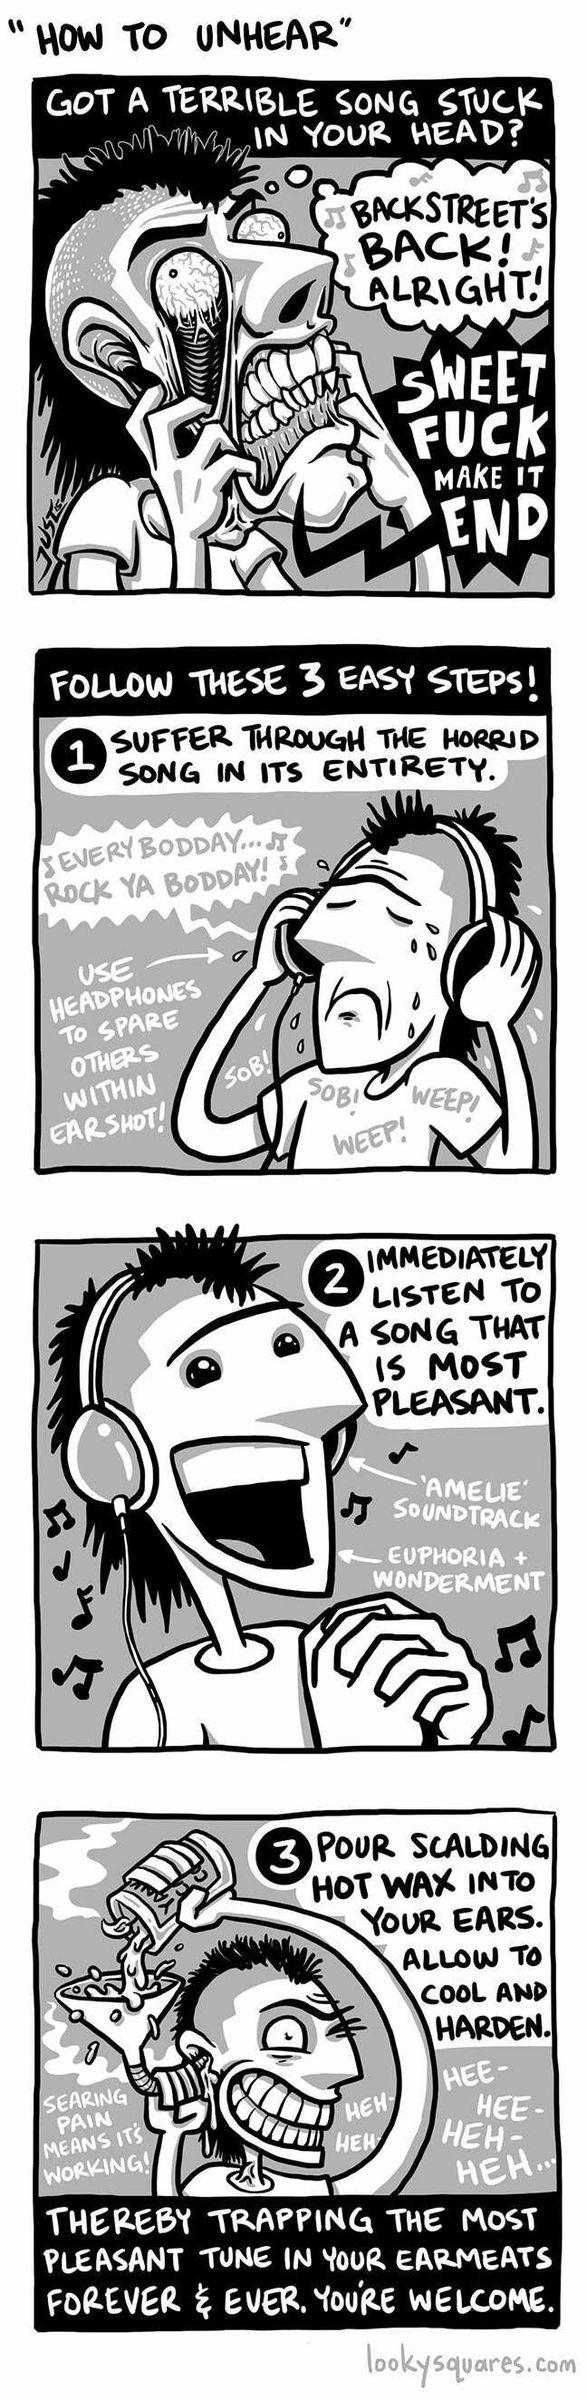 how to unhear the songs - meme